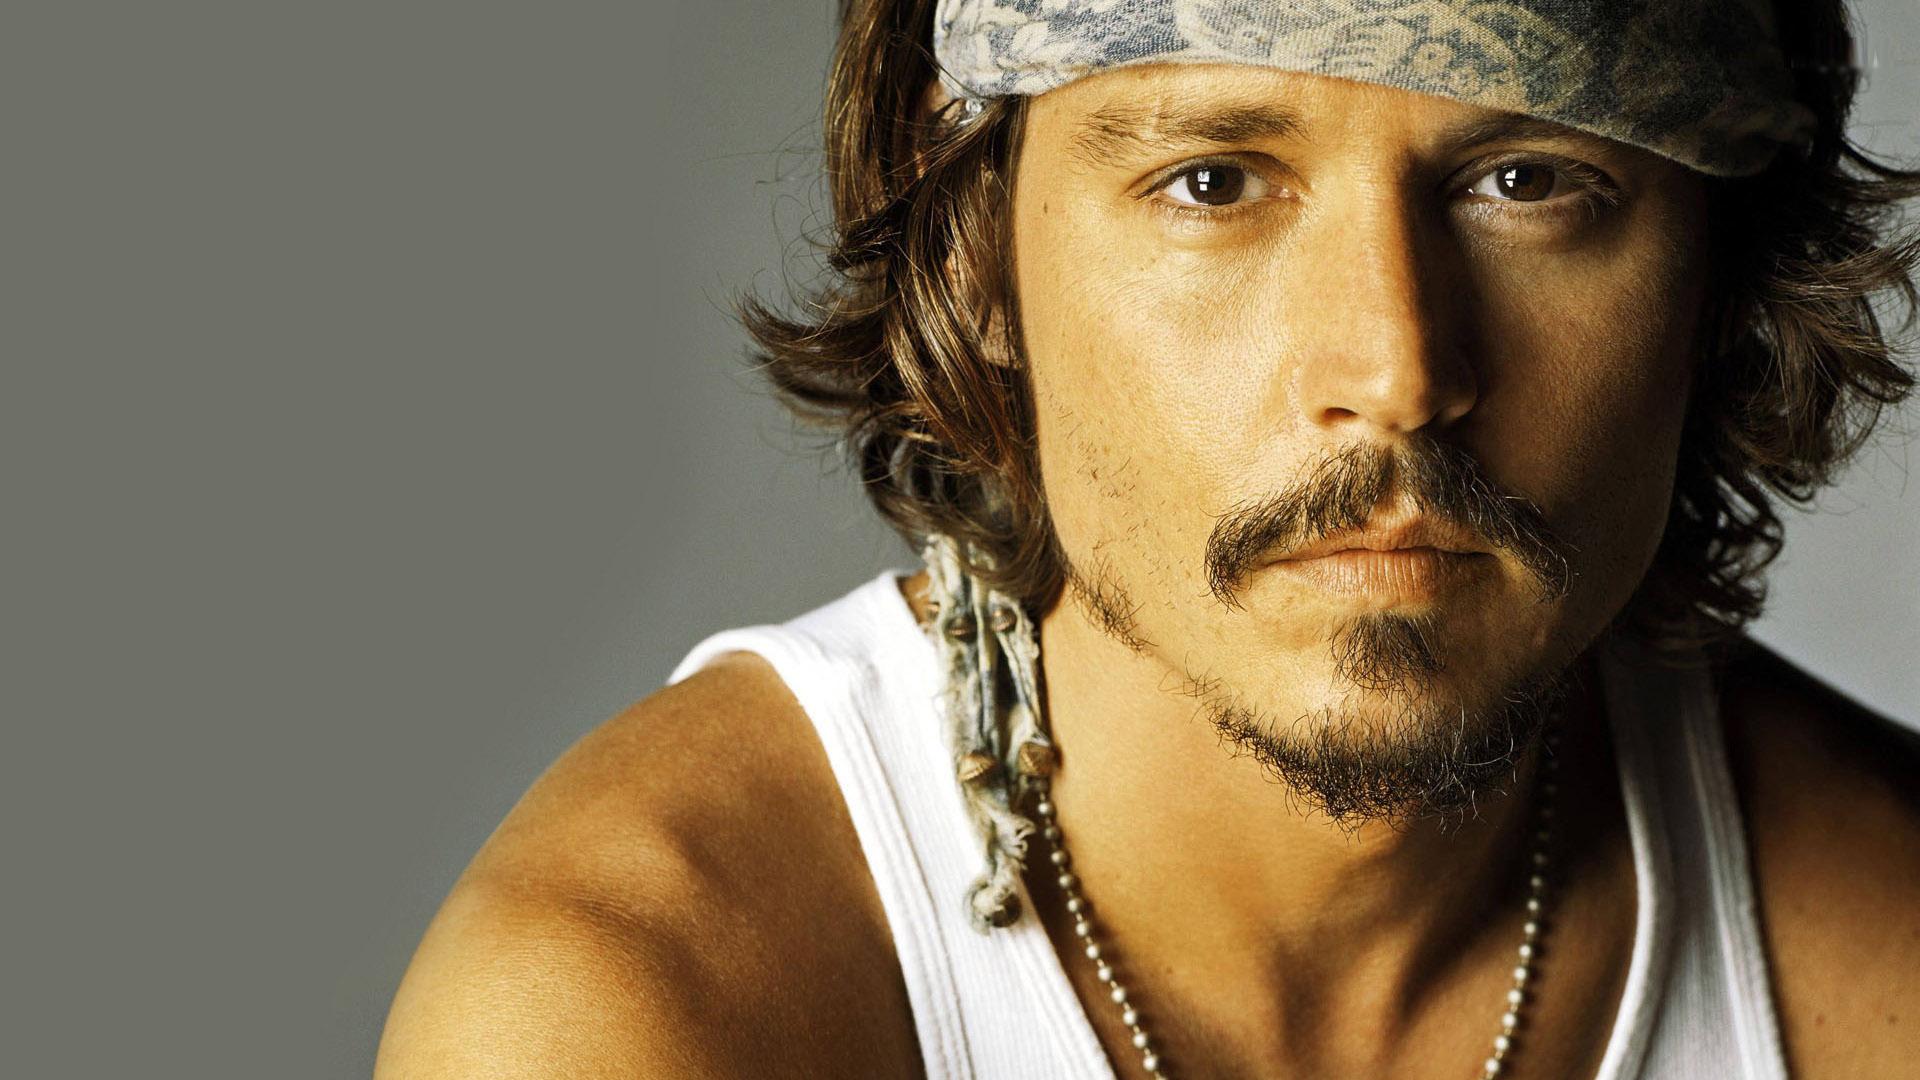 Photogenic HD Johnny Depp Wallpaper